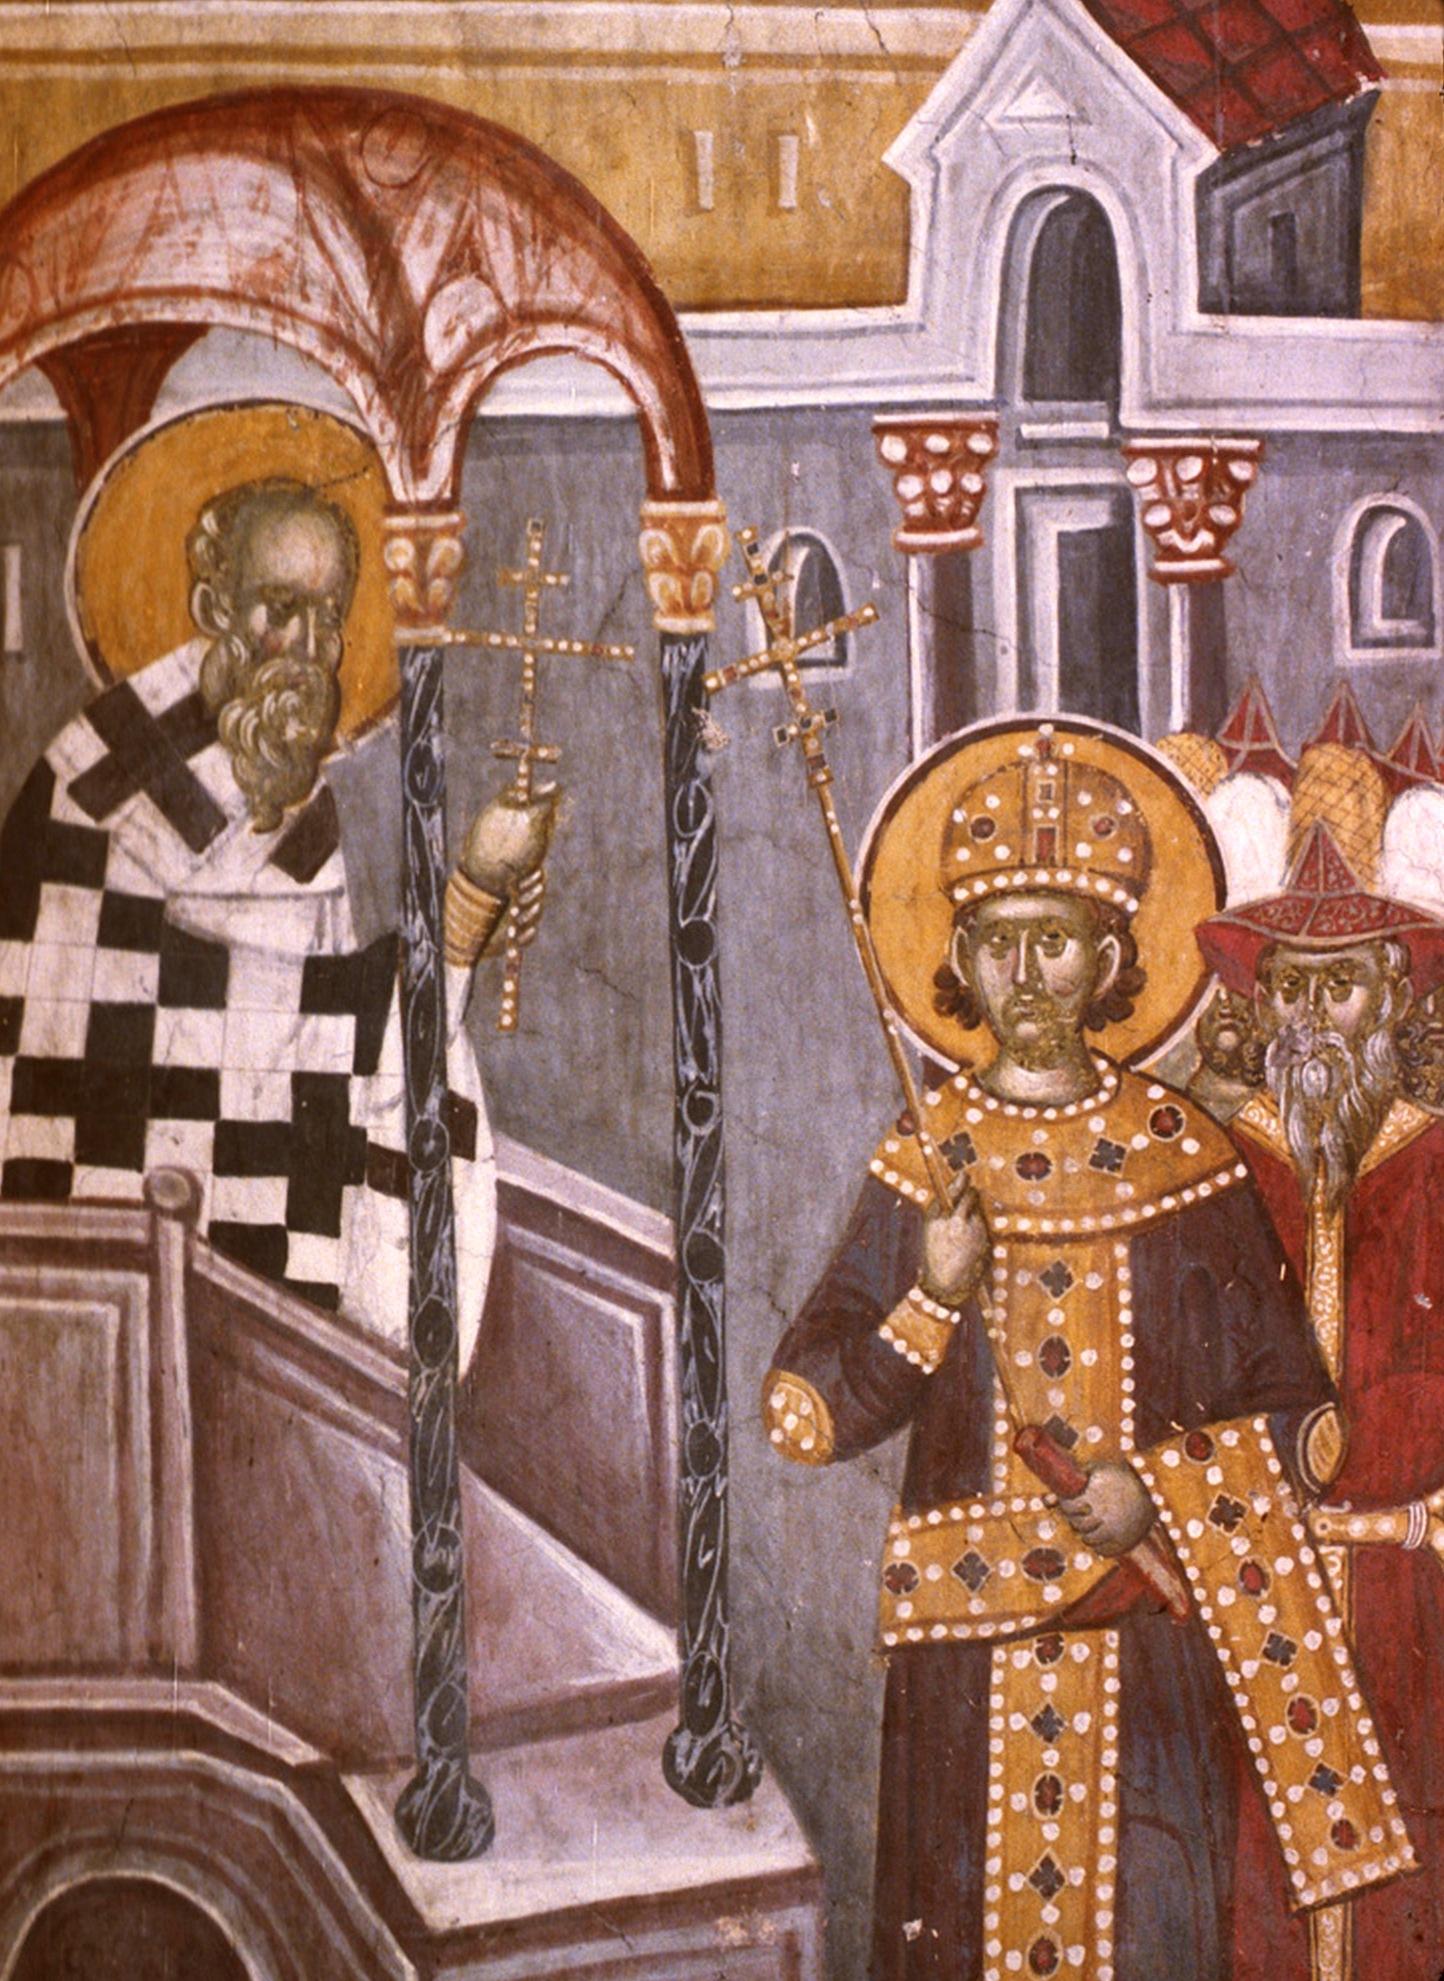 Воздвижение Честного и Животворящего Креста Господня. Фреска монастыря Грачаница, Косово, Сербия. Около 1320 года. Фрагмент.